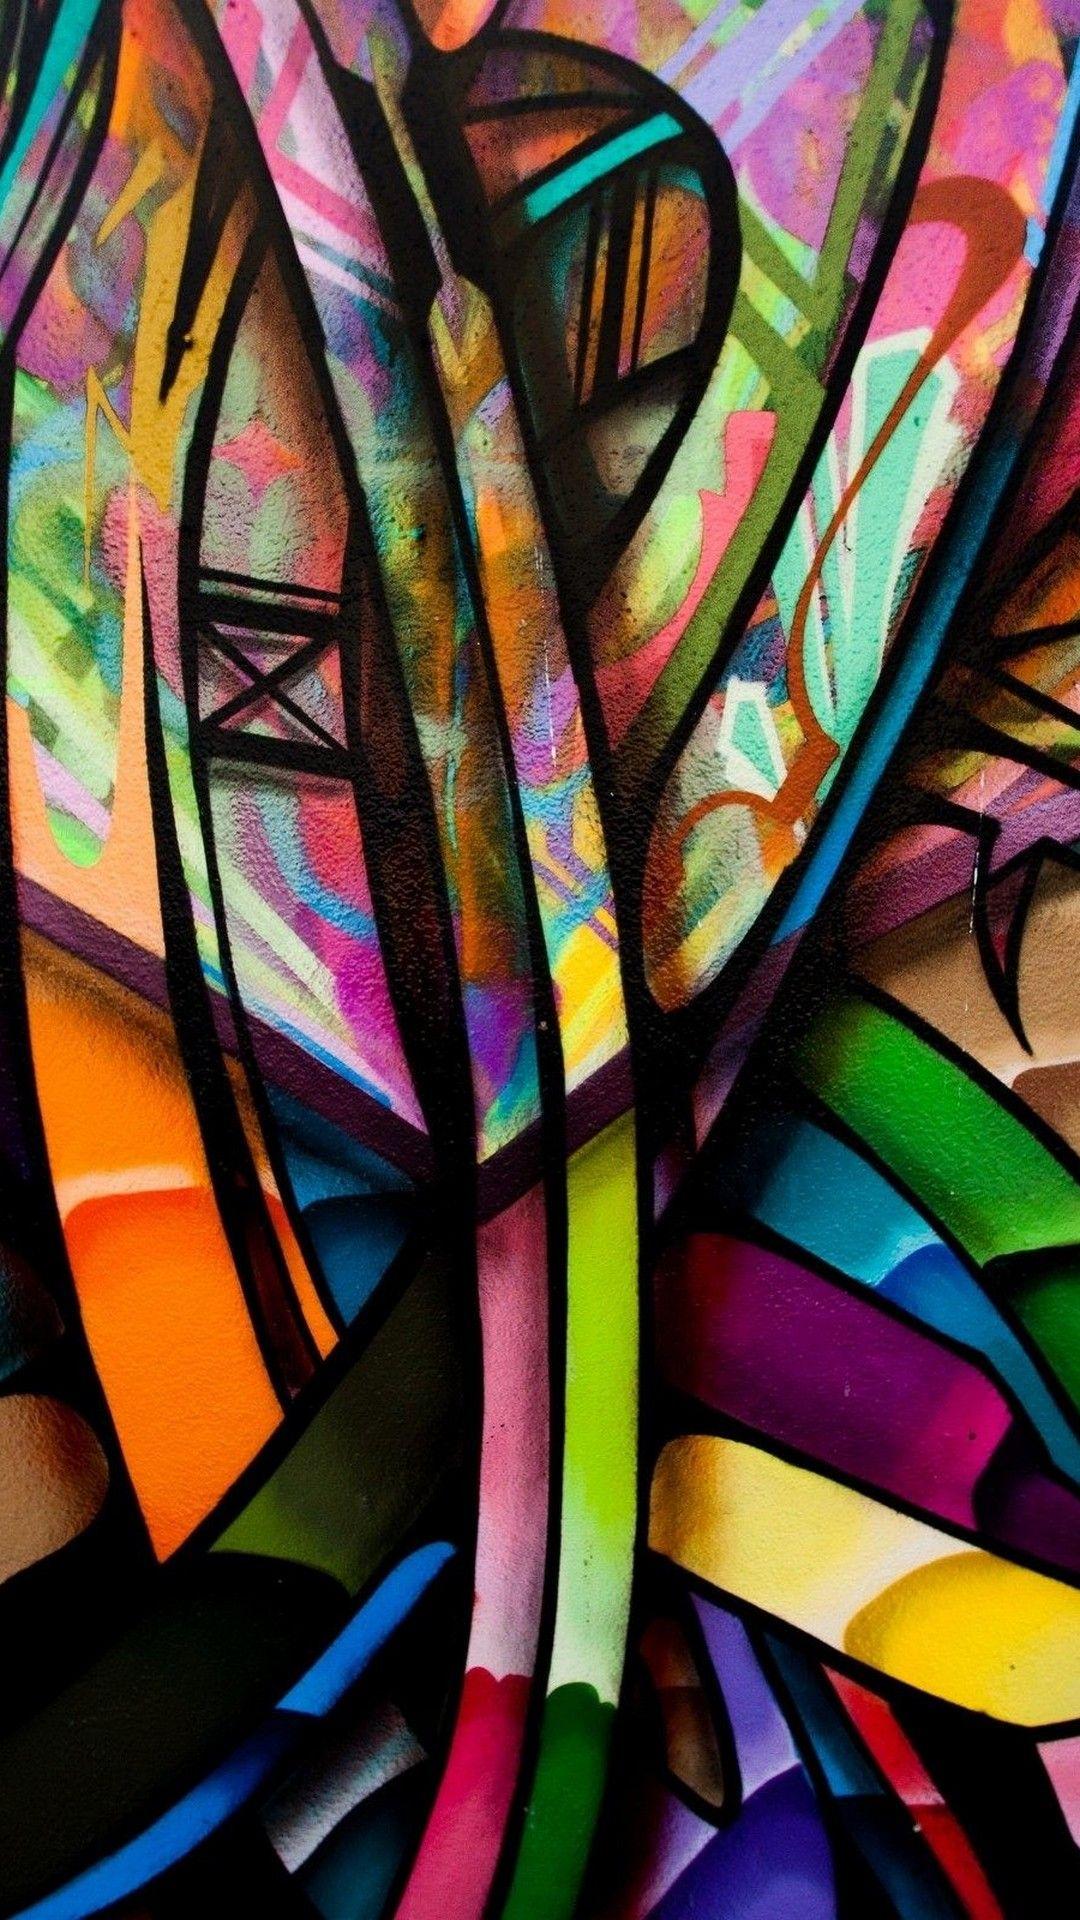 Graffiti Art Wallpaper Iphone Hd Graffiti Wallpaper Iphone Art Wallpaper Iphone Graffiti Wallpaper